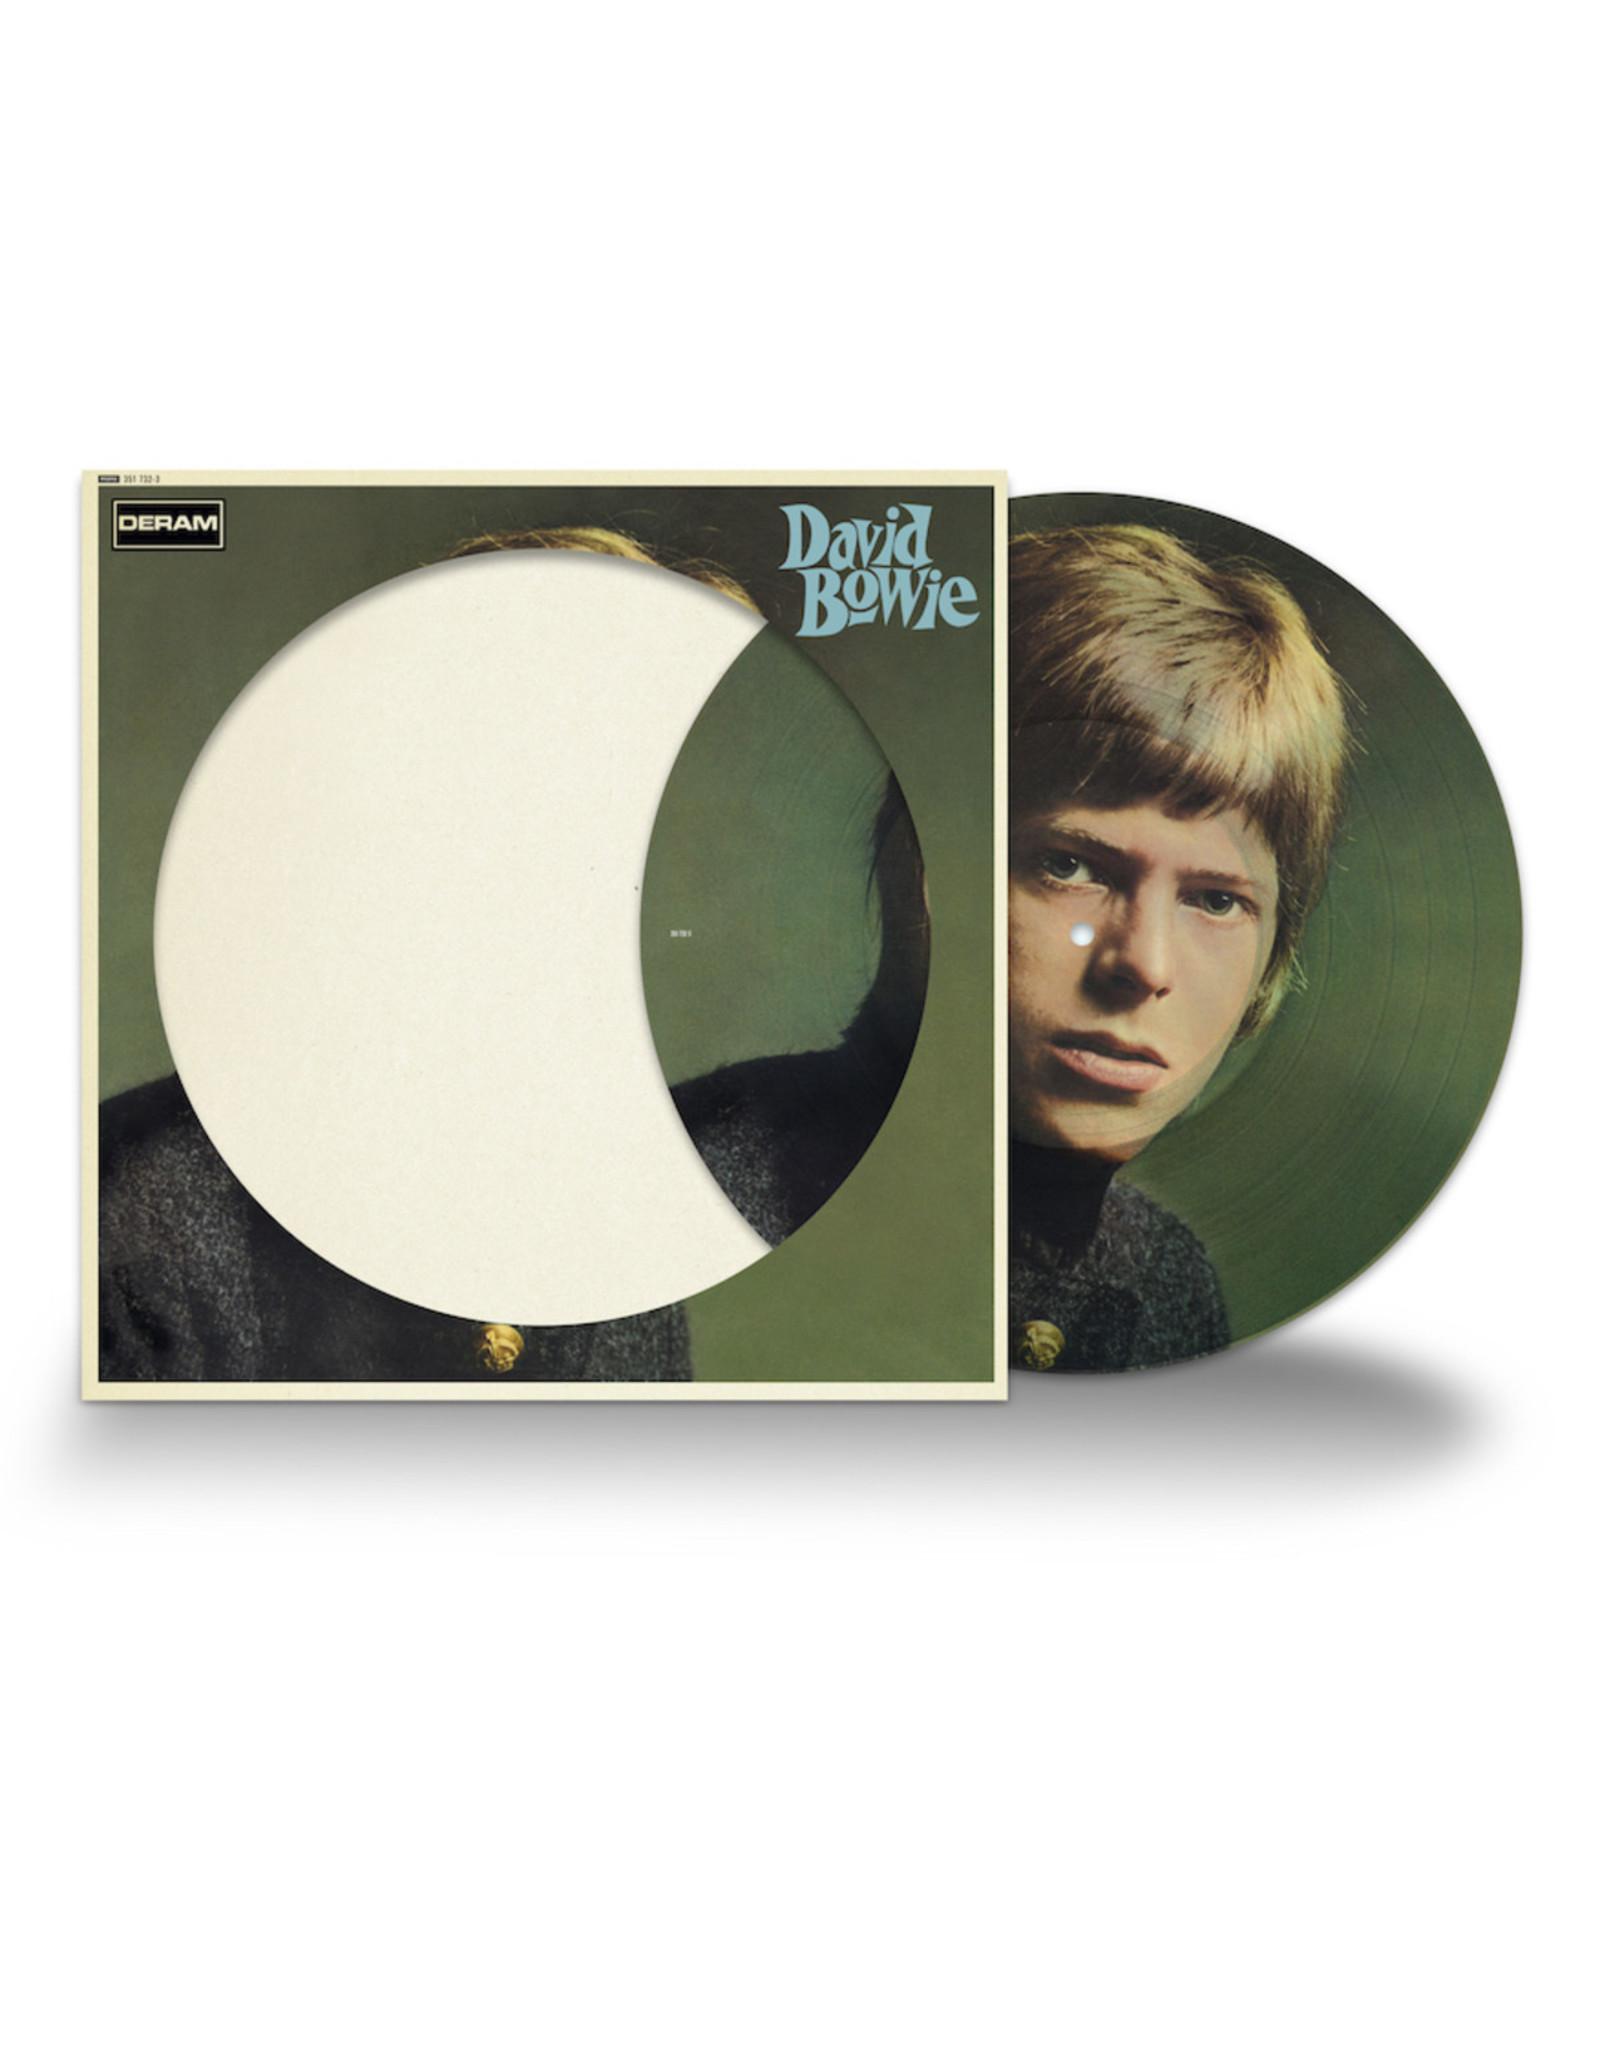 David Bowie - David Bowie (Picture Disc)